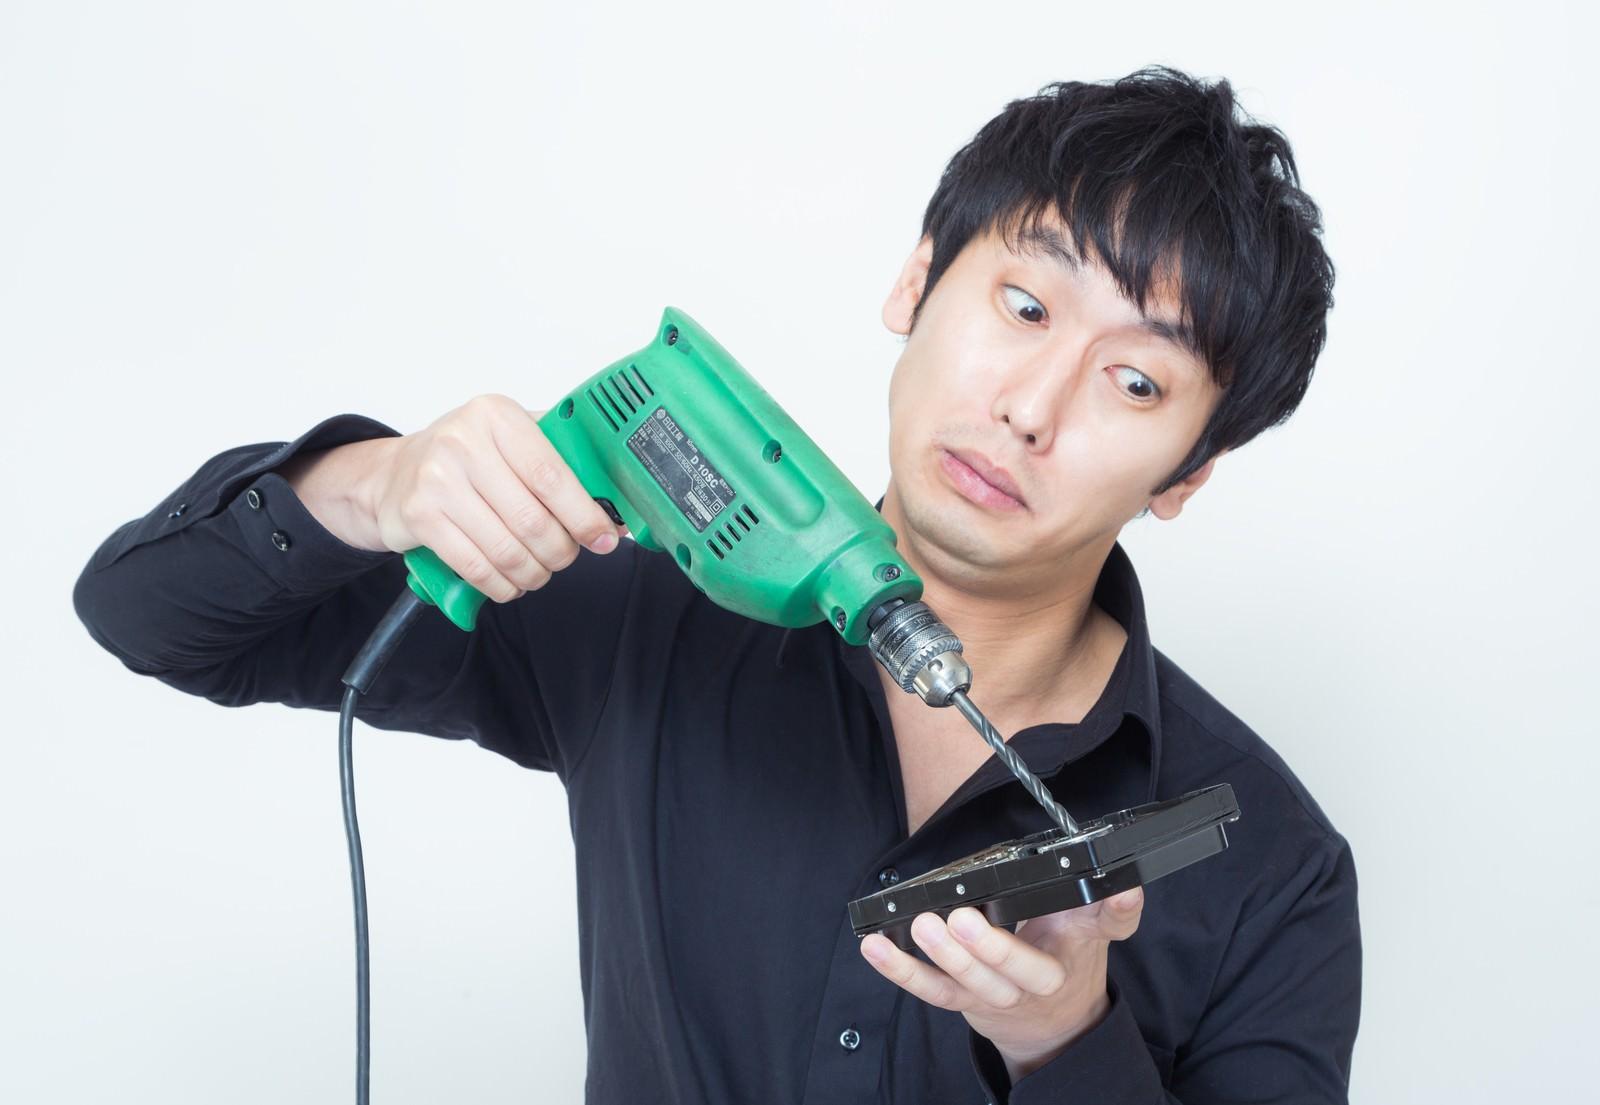 「ドリルを使ってハードディスクのデータを隠滅しようと試みる男性」の写真[モデル:大川竜弥]